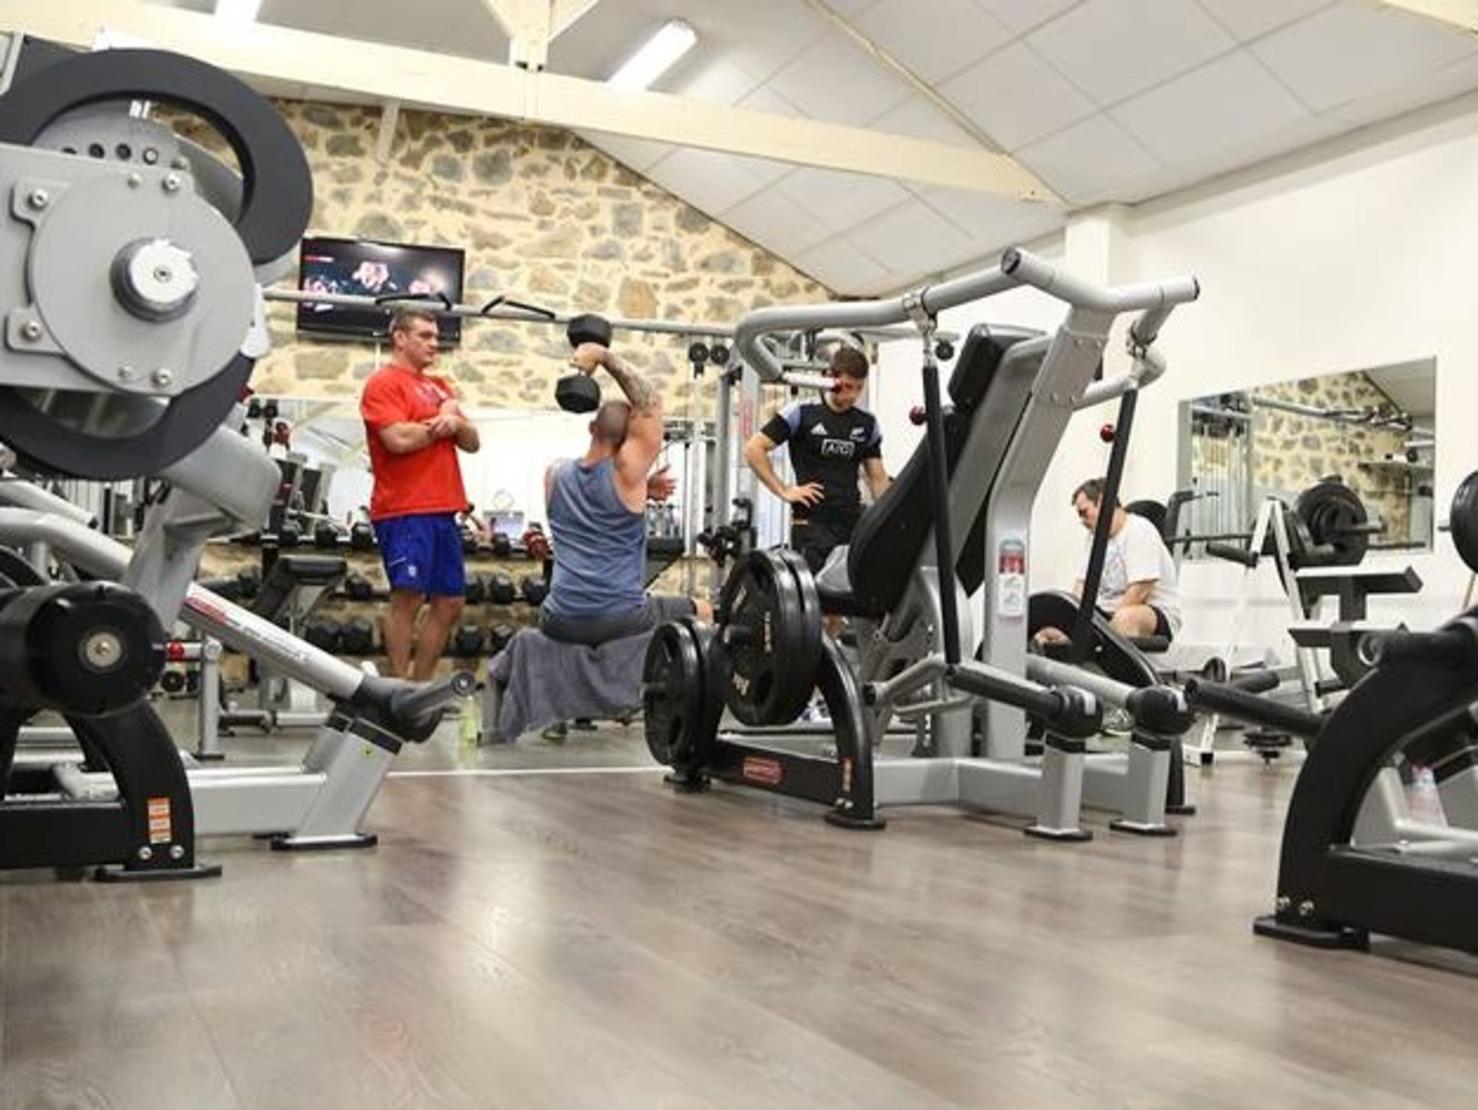 Iron Gym Limoges Tarifs Avis Horaires Essai Gratuit